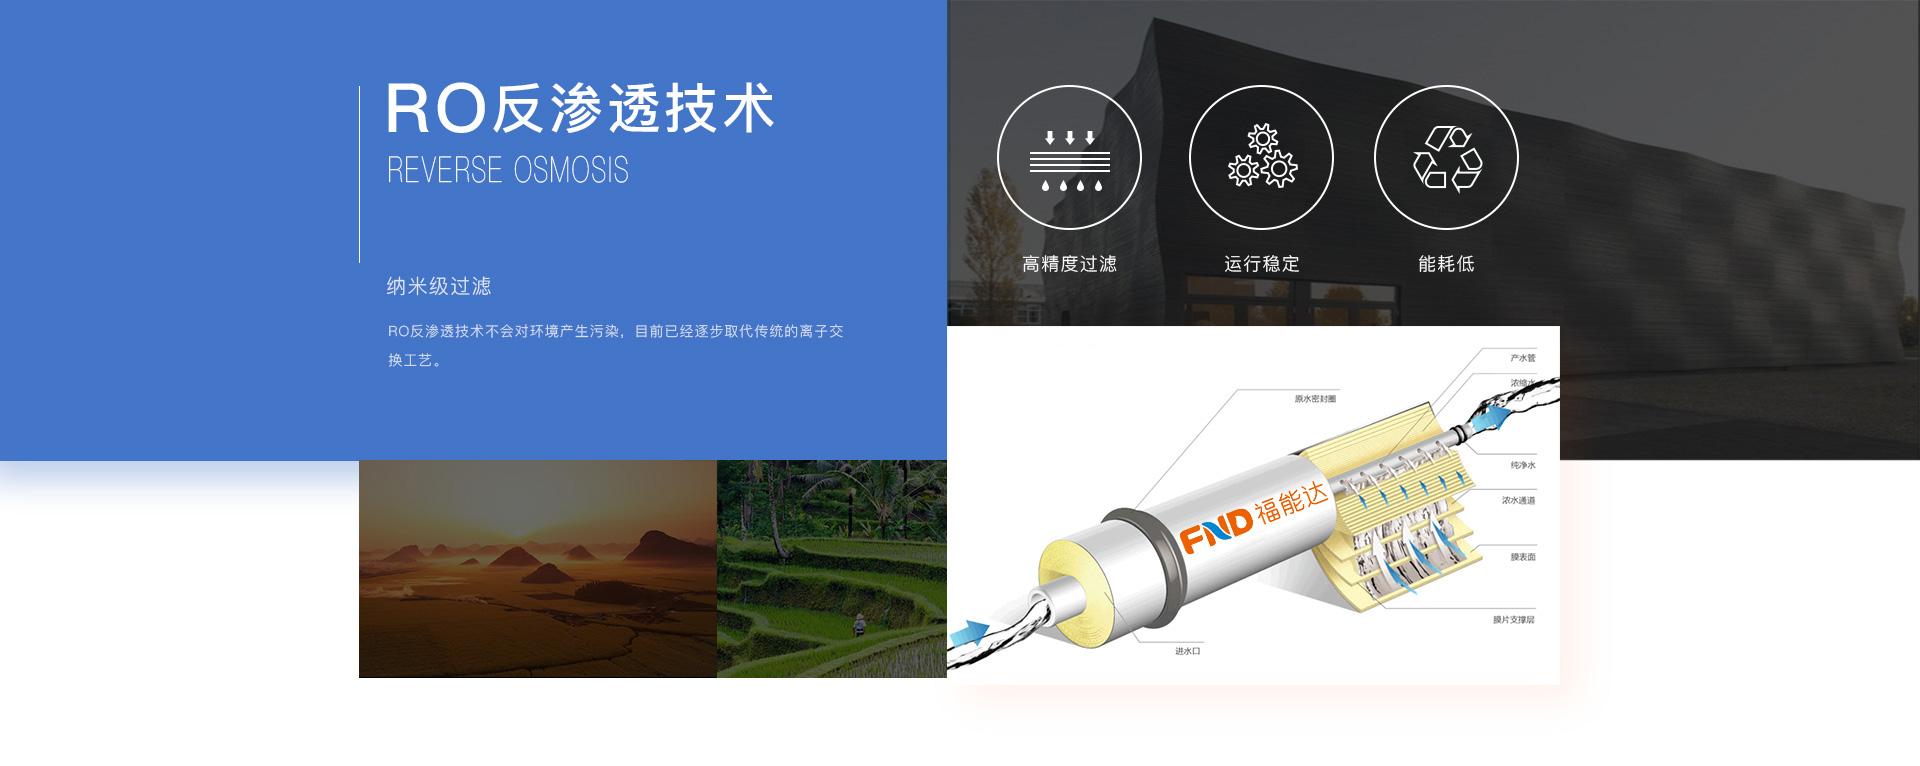 RO反渗透技术-福能达